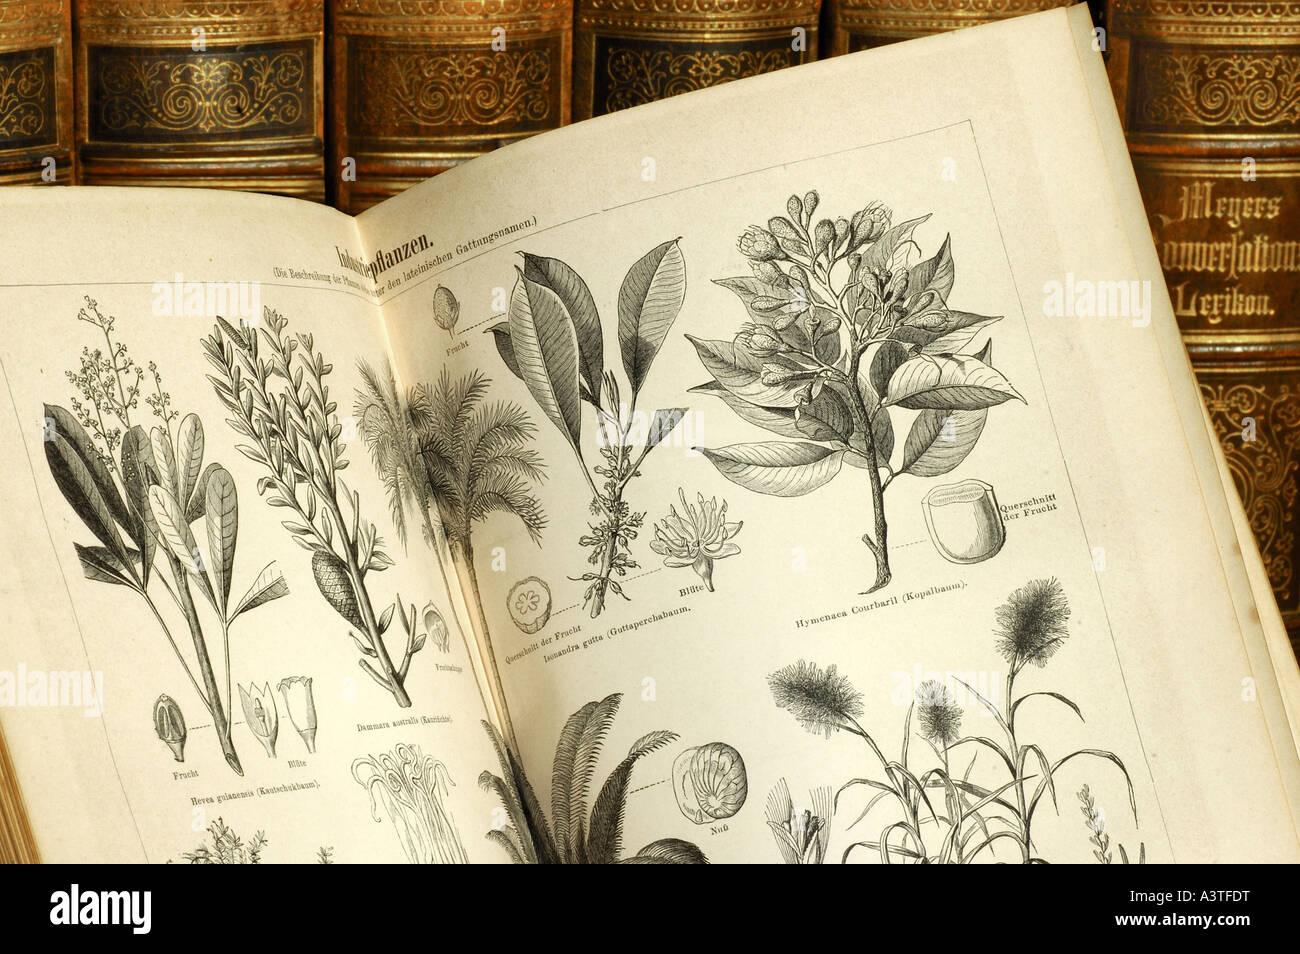 Illustrationen von Nutzpflanzen in einem Volumen von einer alten Ausgabe des Meyers Lexikon Stockbild